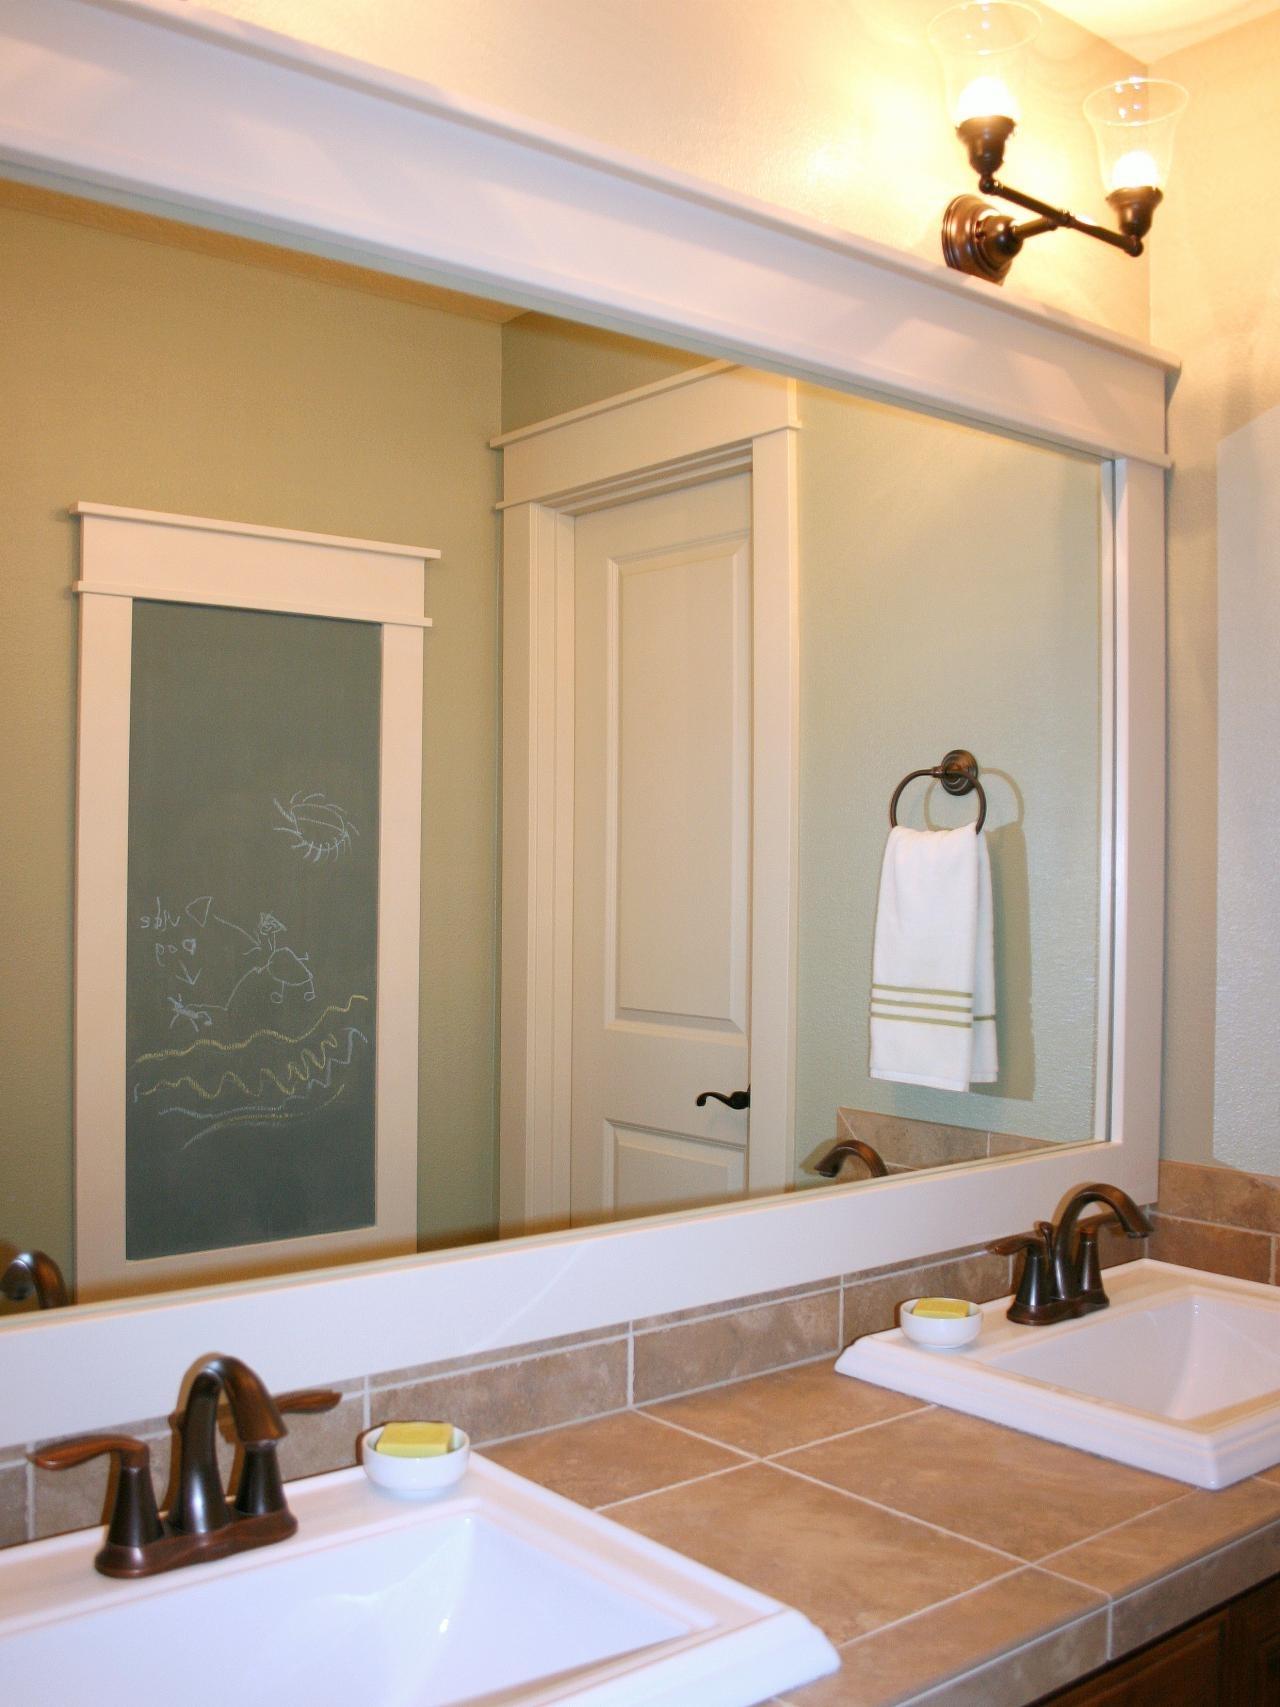 10 Lovable Diy Bathroom Mirror Frame Ideas %name 2020